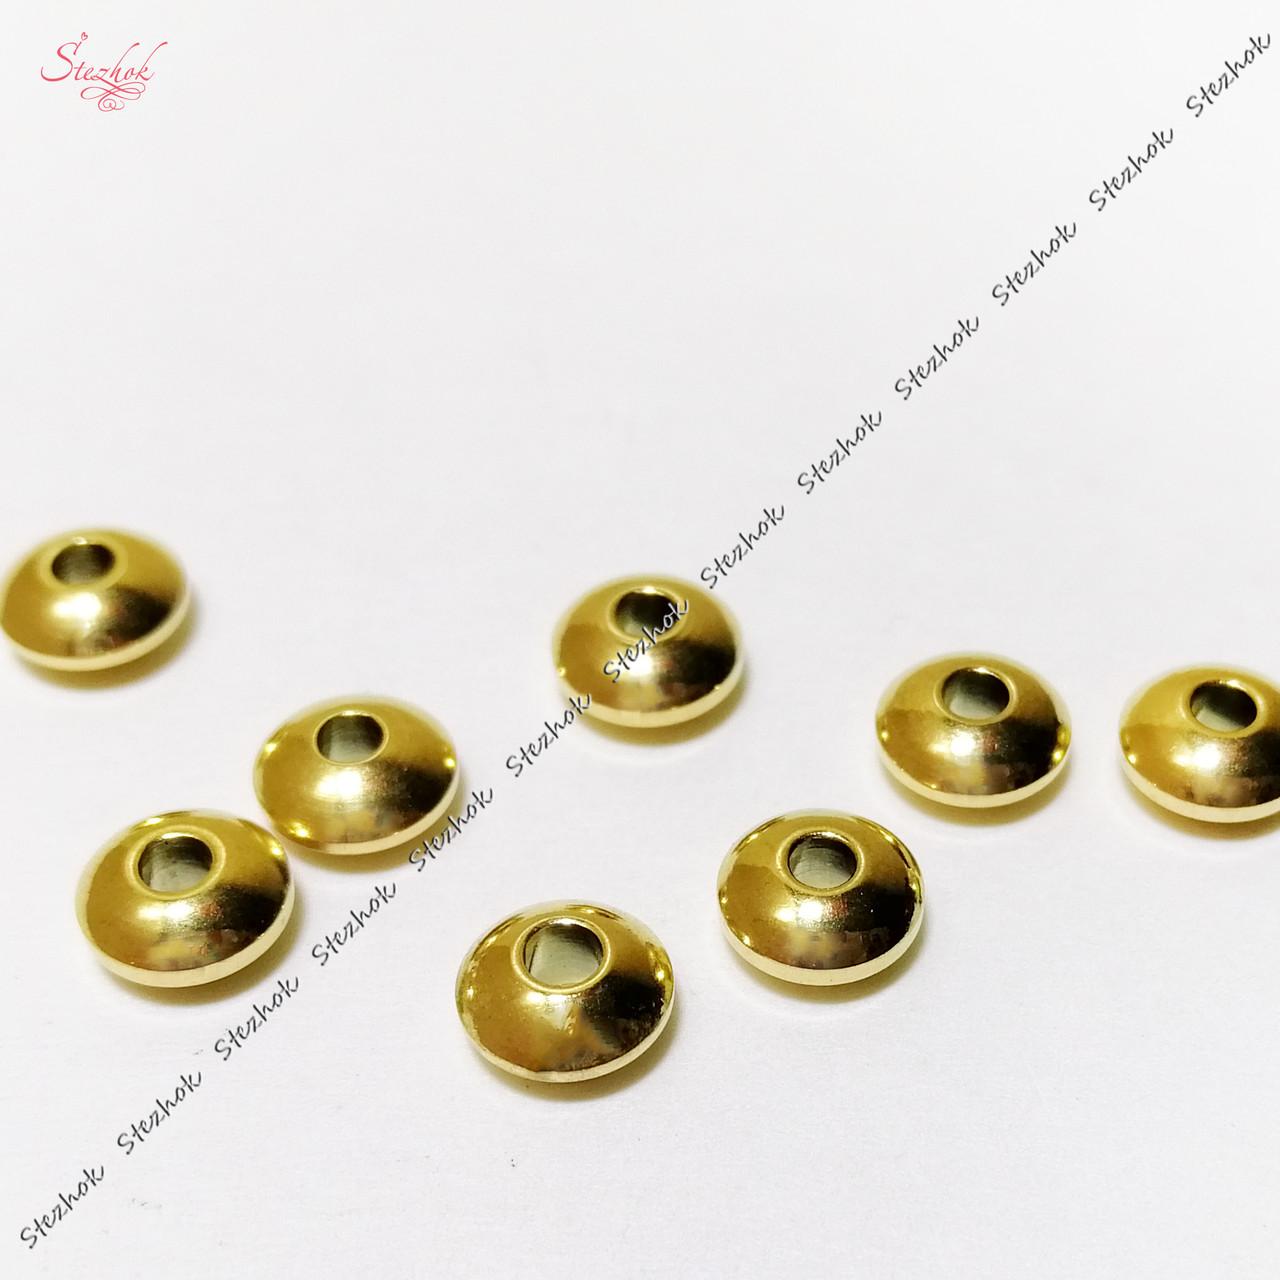 Металлическая бусина рондель гладкая 6х3 мм из нержавеющей стали для рукоделия цвет золото